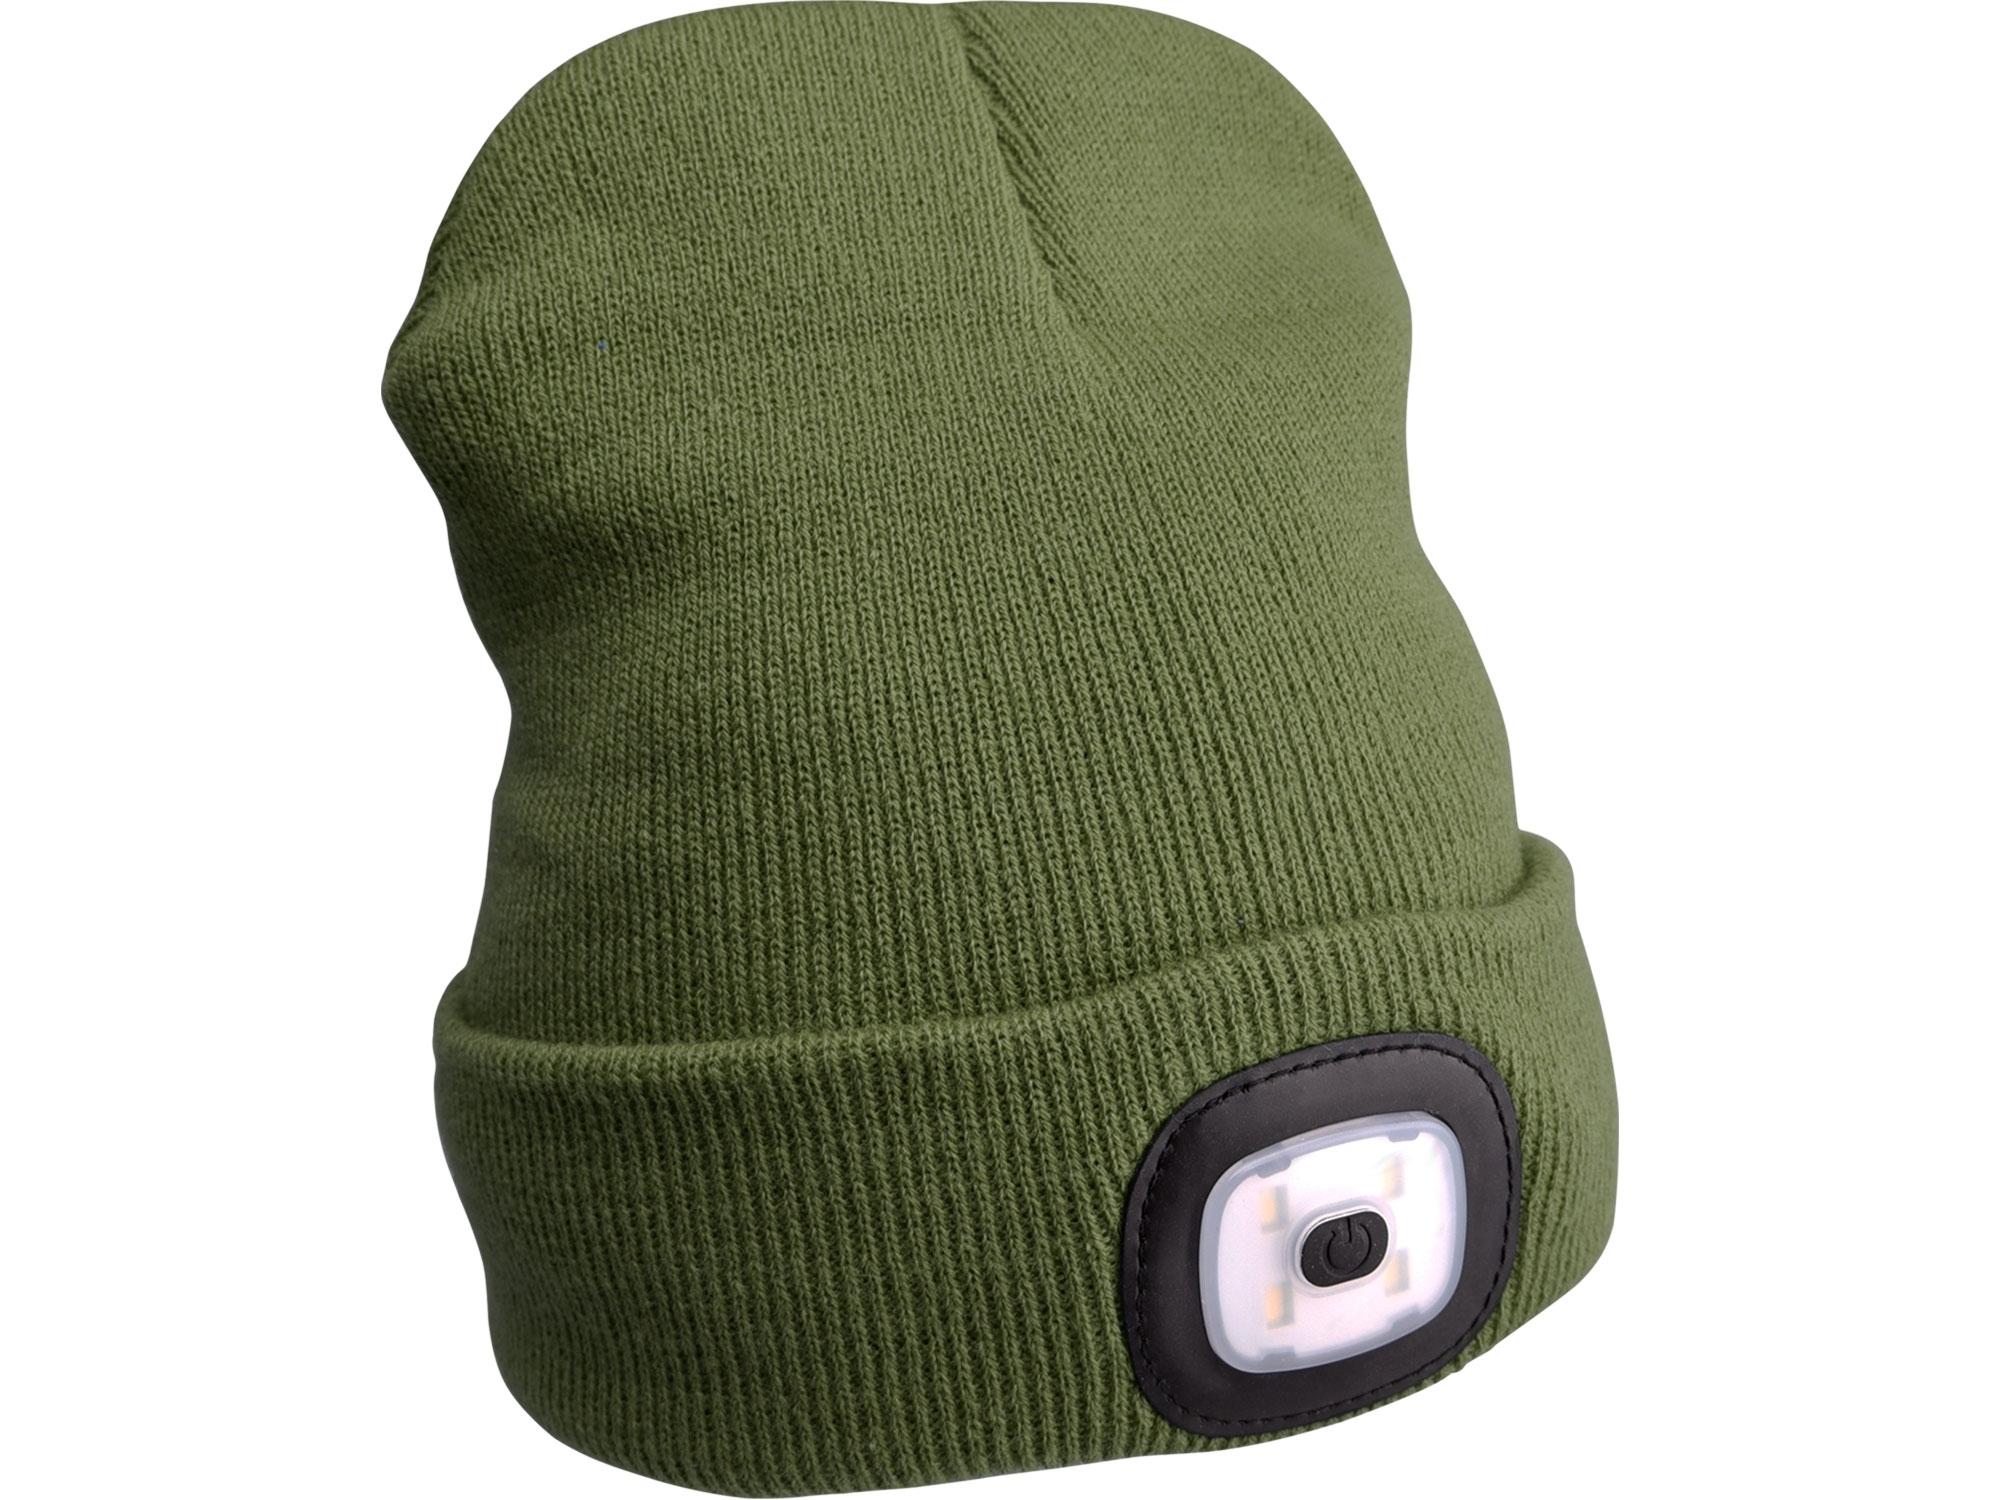 čepice s čelovkou 4x45lm, USB nabíjení, tmavě zelená, univerzální velikost